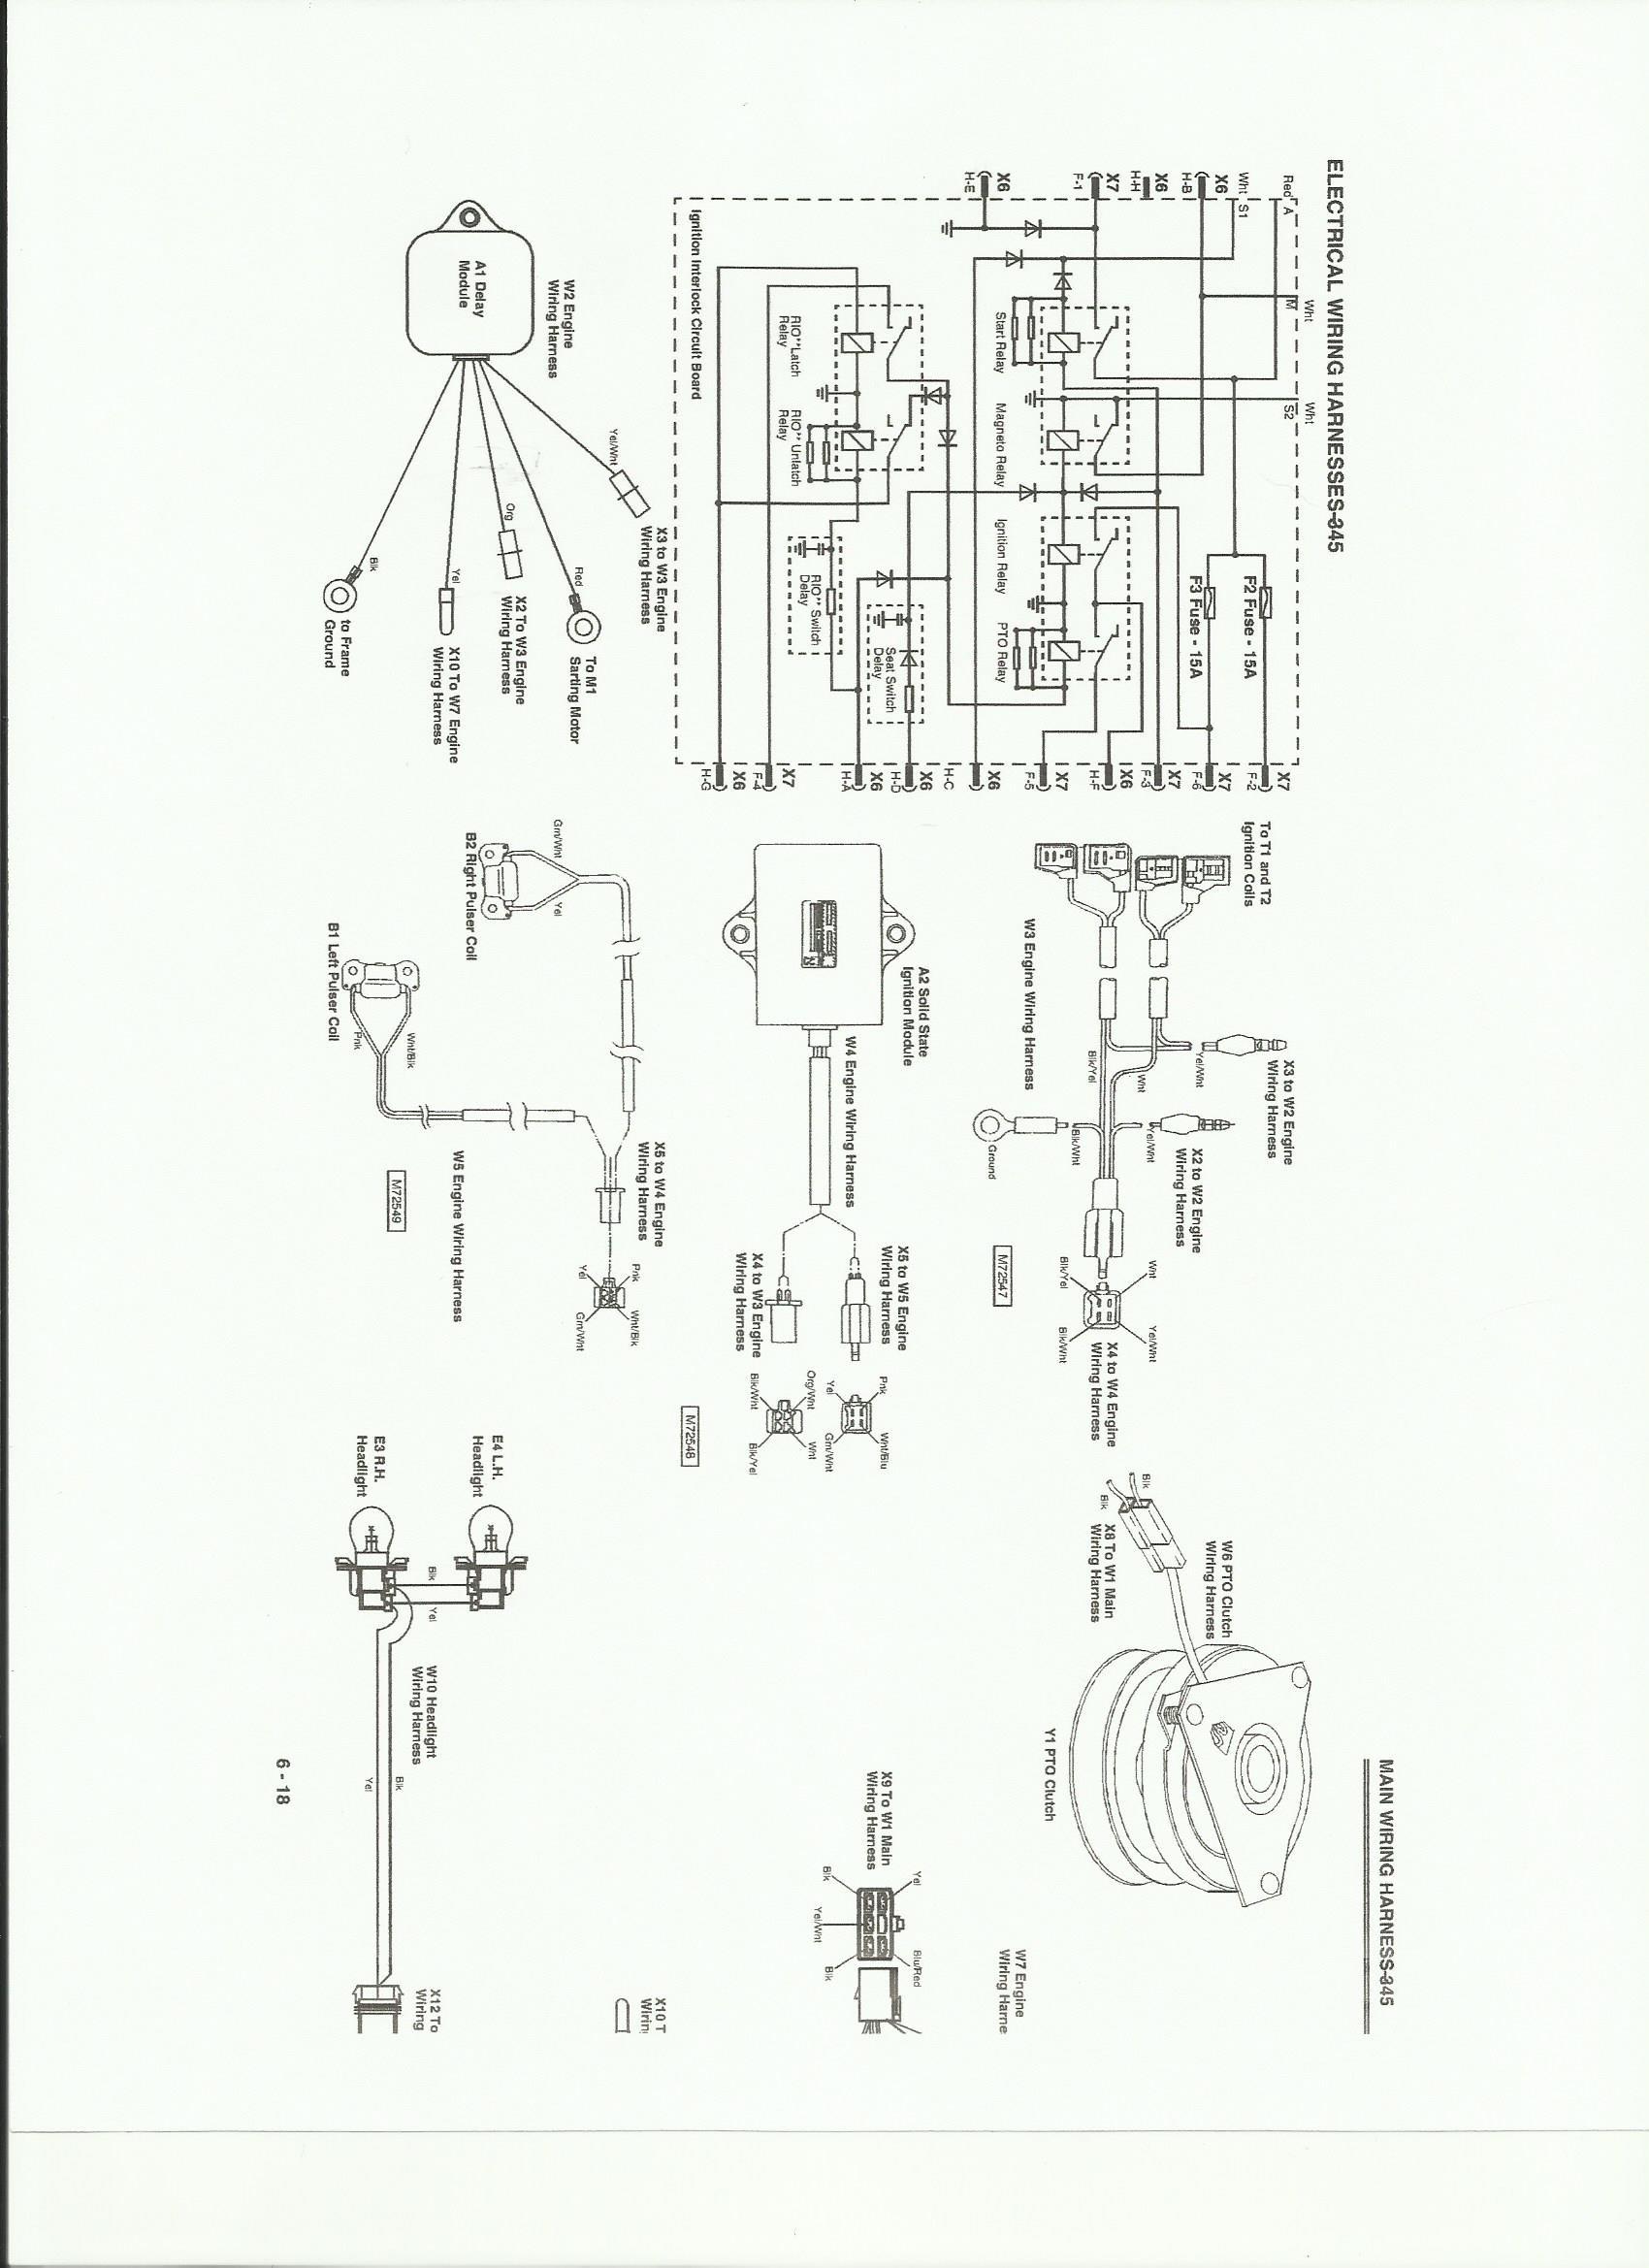 Electrical Schematic 345 John Deere Tractor